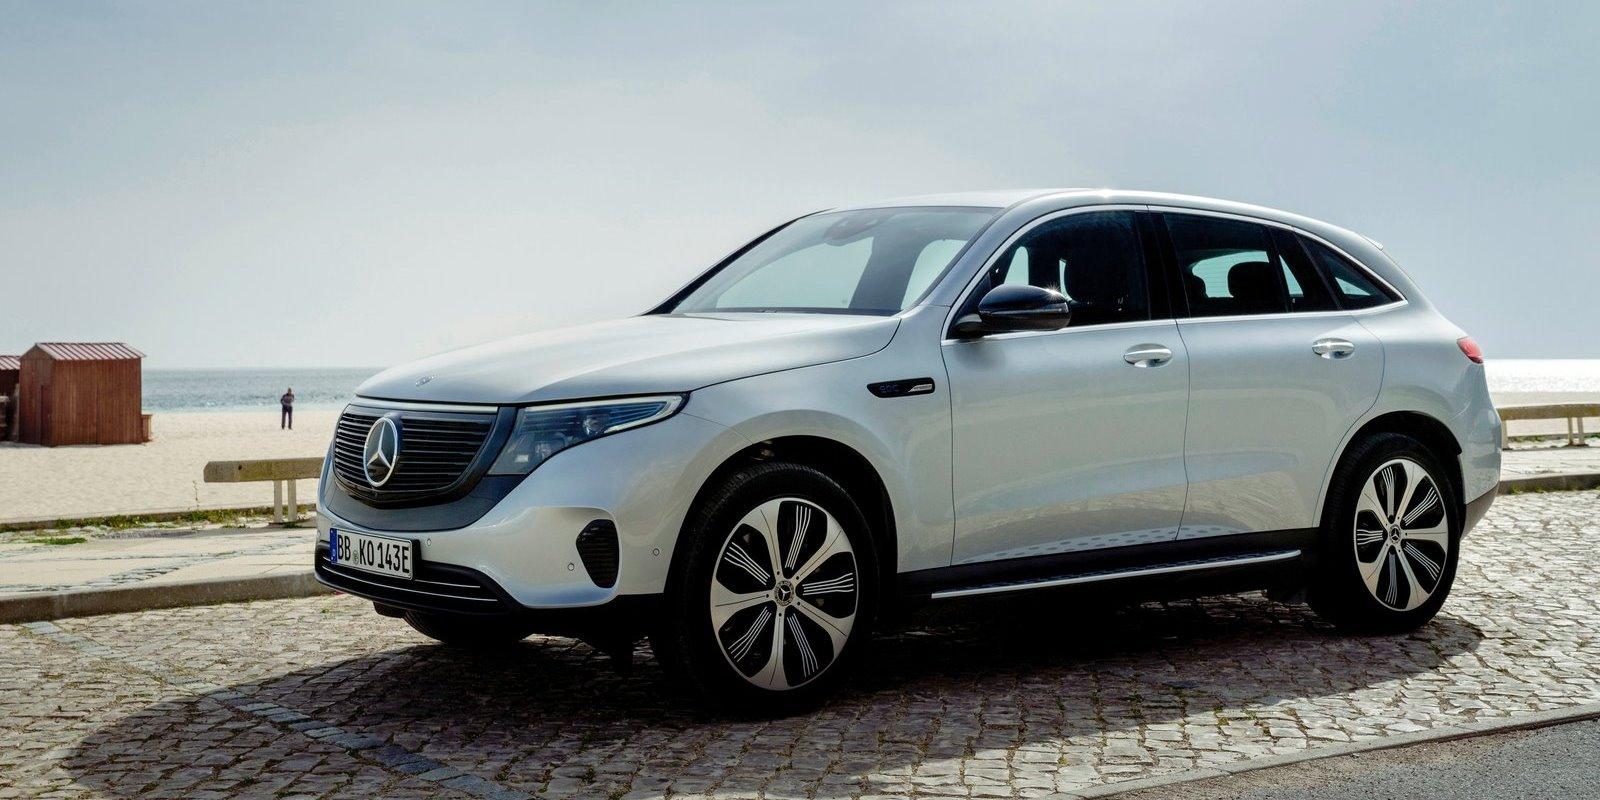 El Mercedes EQC ya tiene precio en España: Desde 77.425 euros... más barato que el e-tron